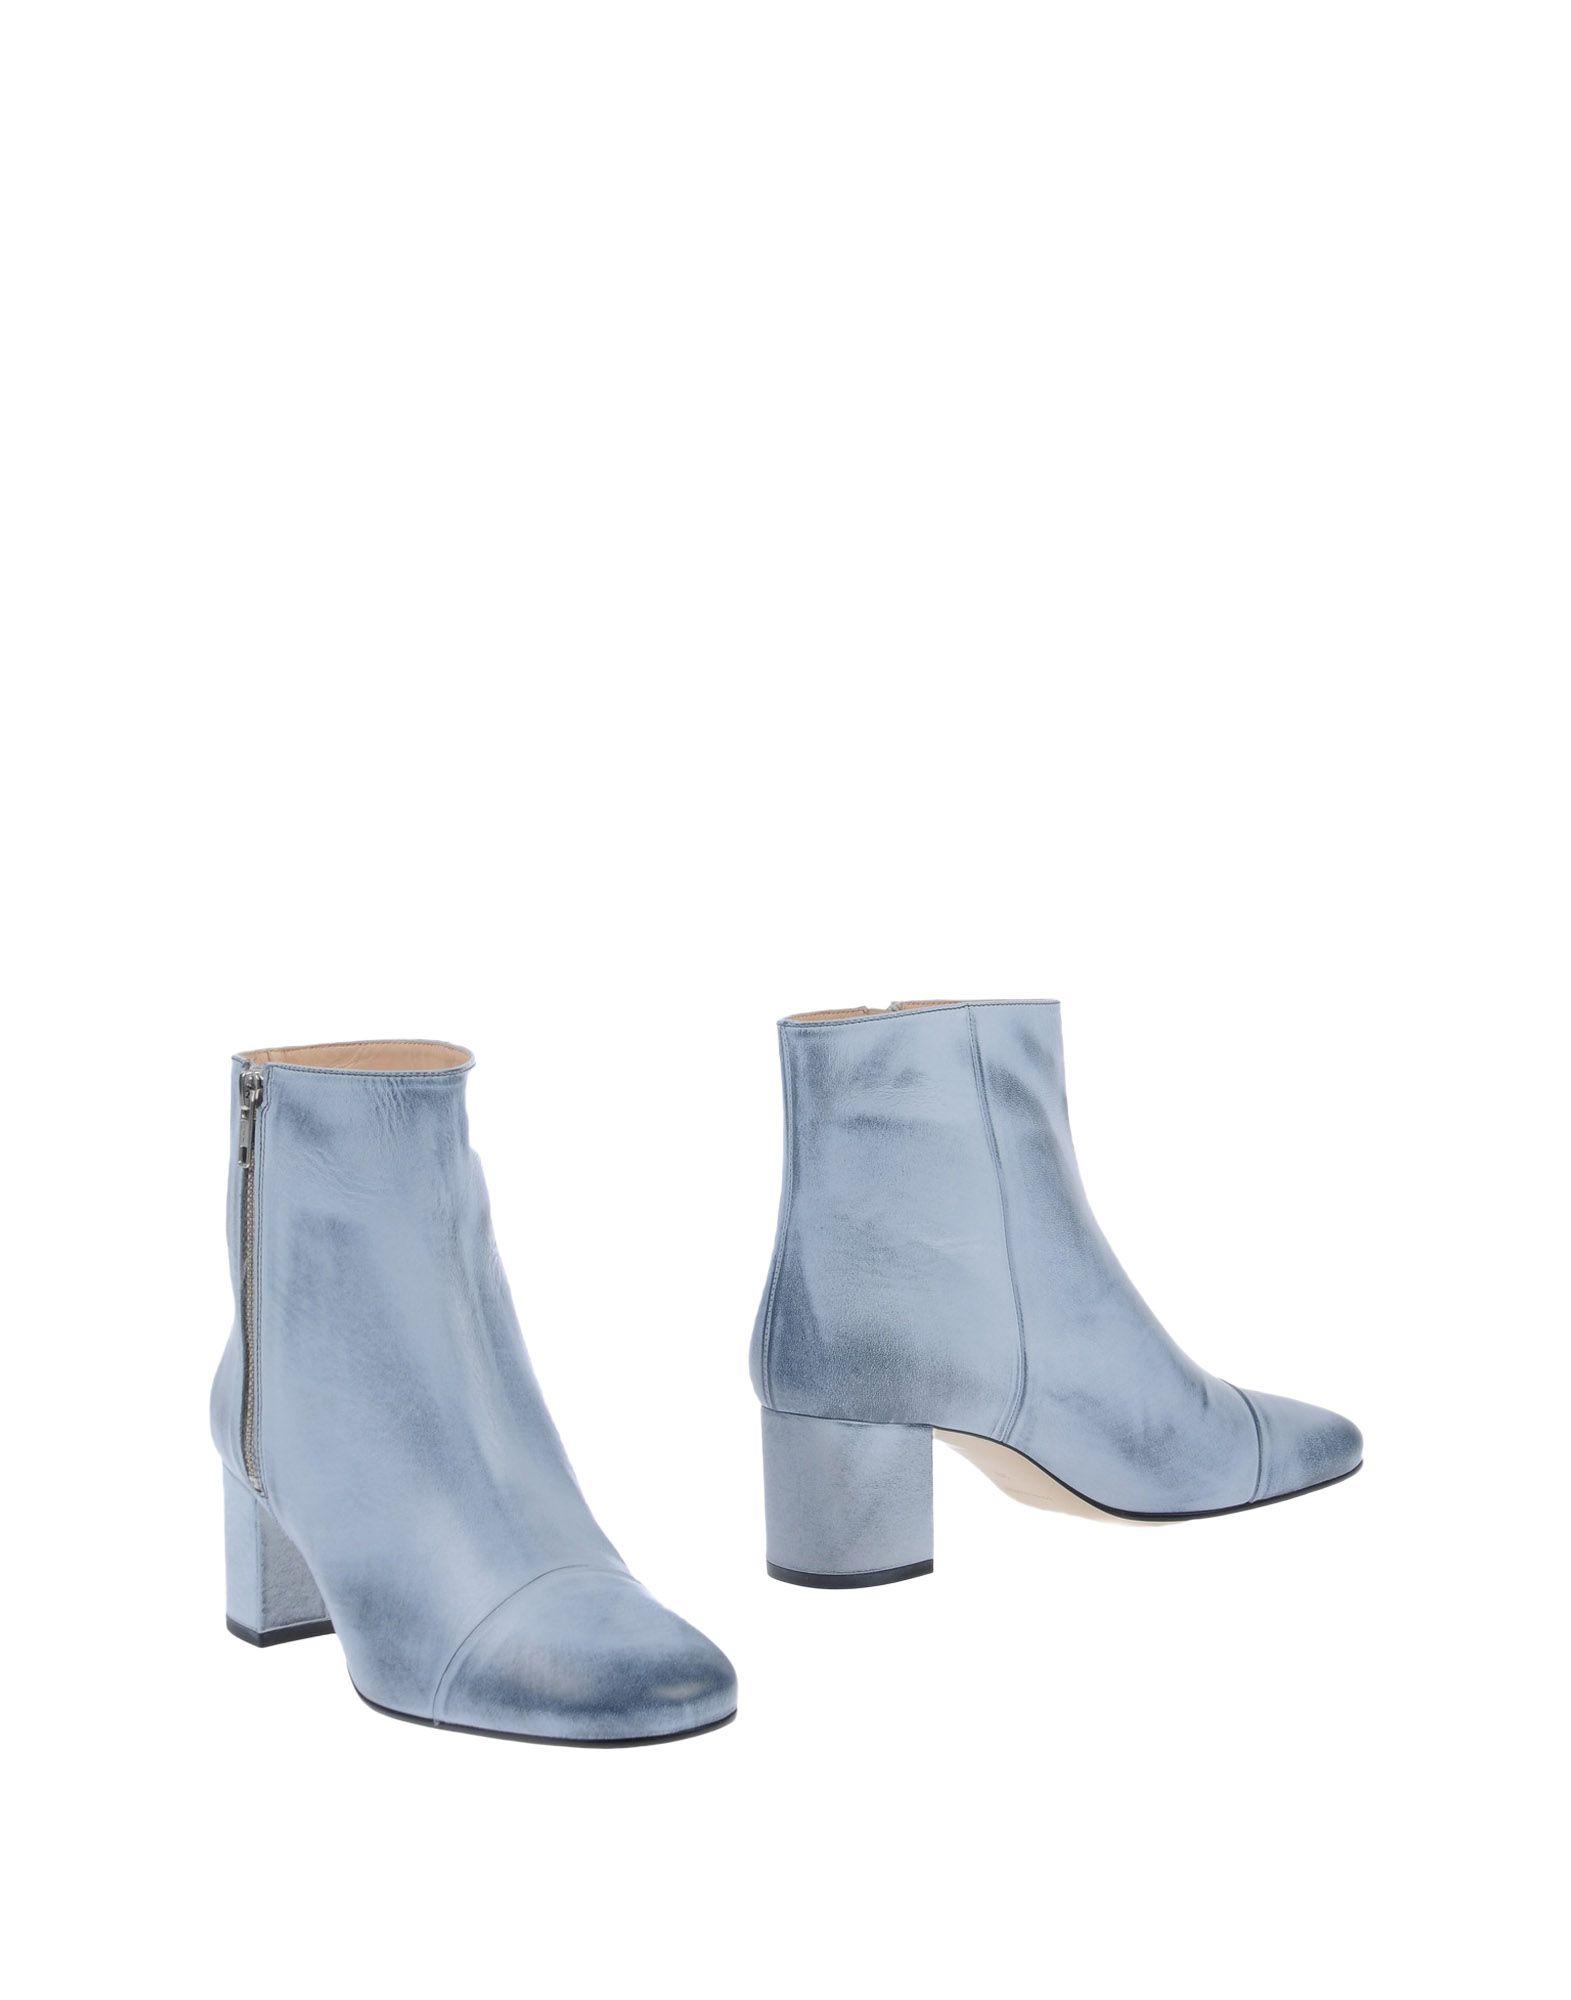 MARIE MARÍ Полусапоги и высокие ботинки marie marí сапоги